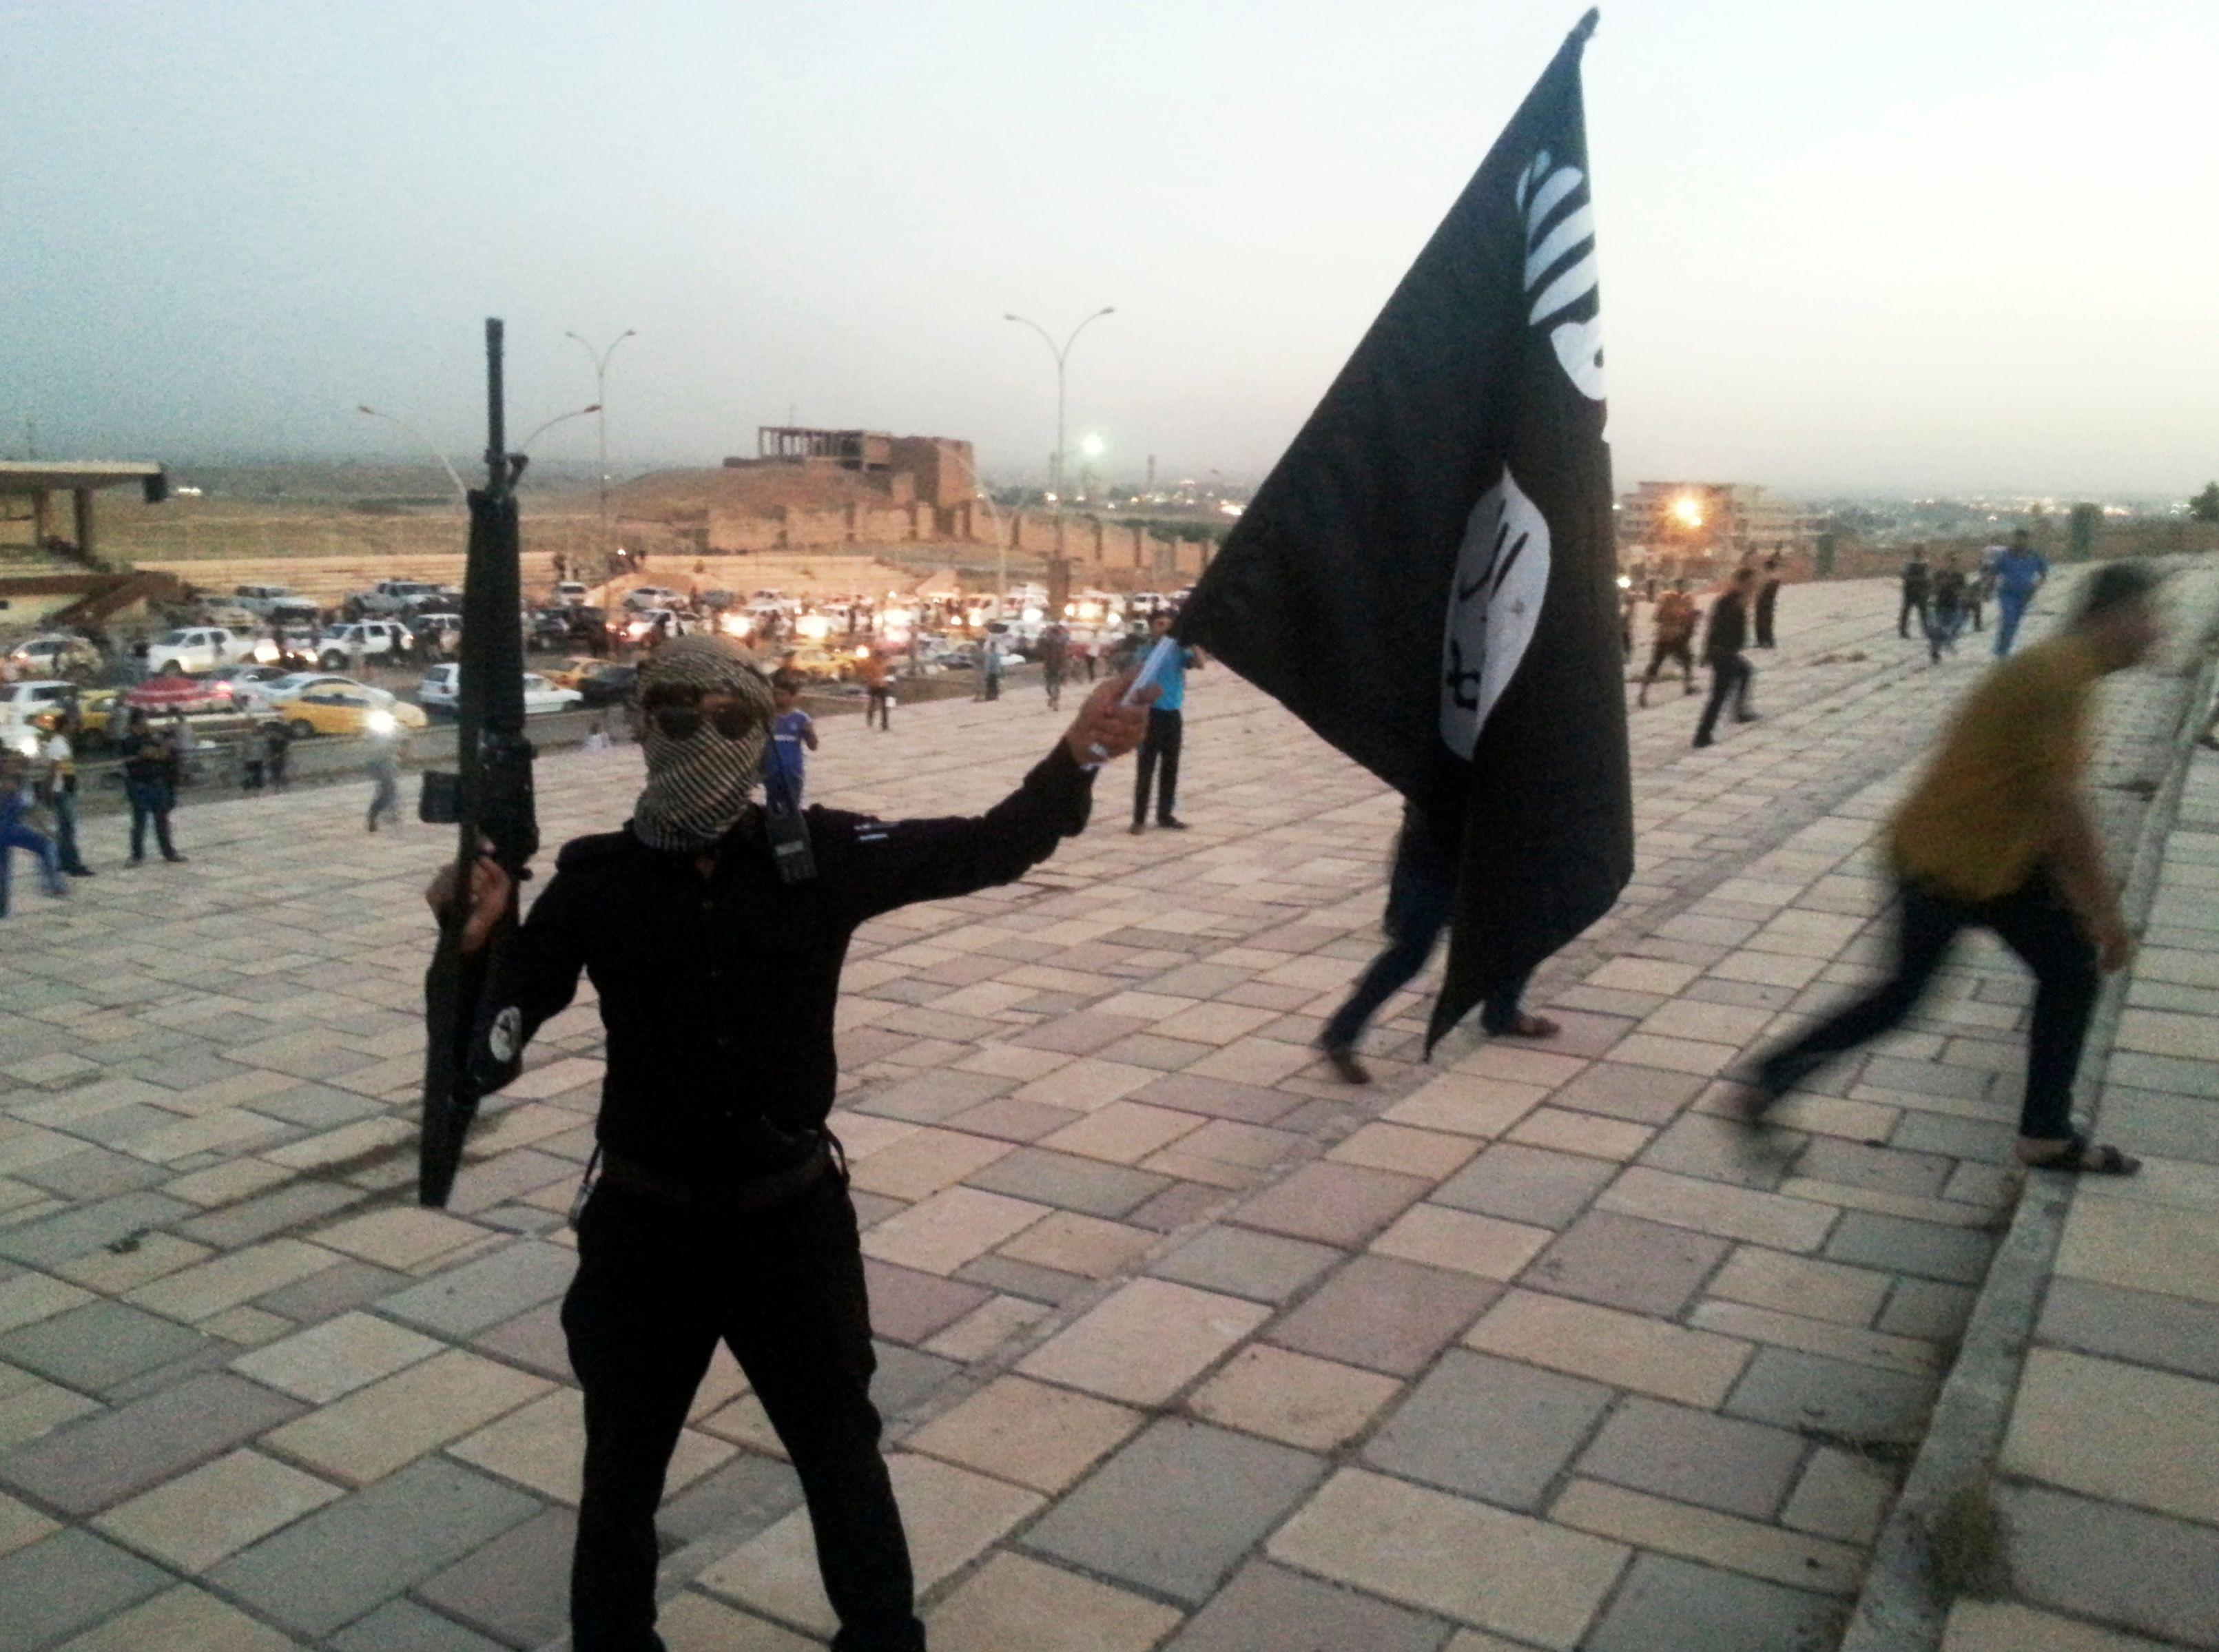 Irak : des chefs djihadistes ont quitté Mossoul